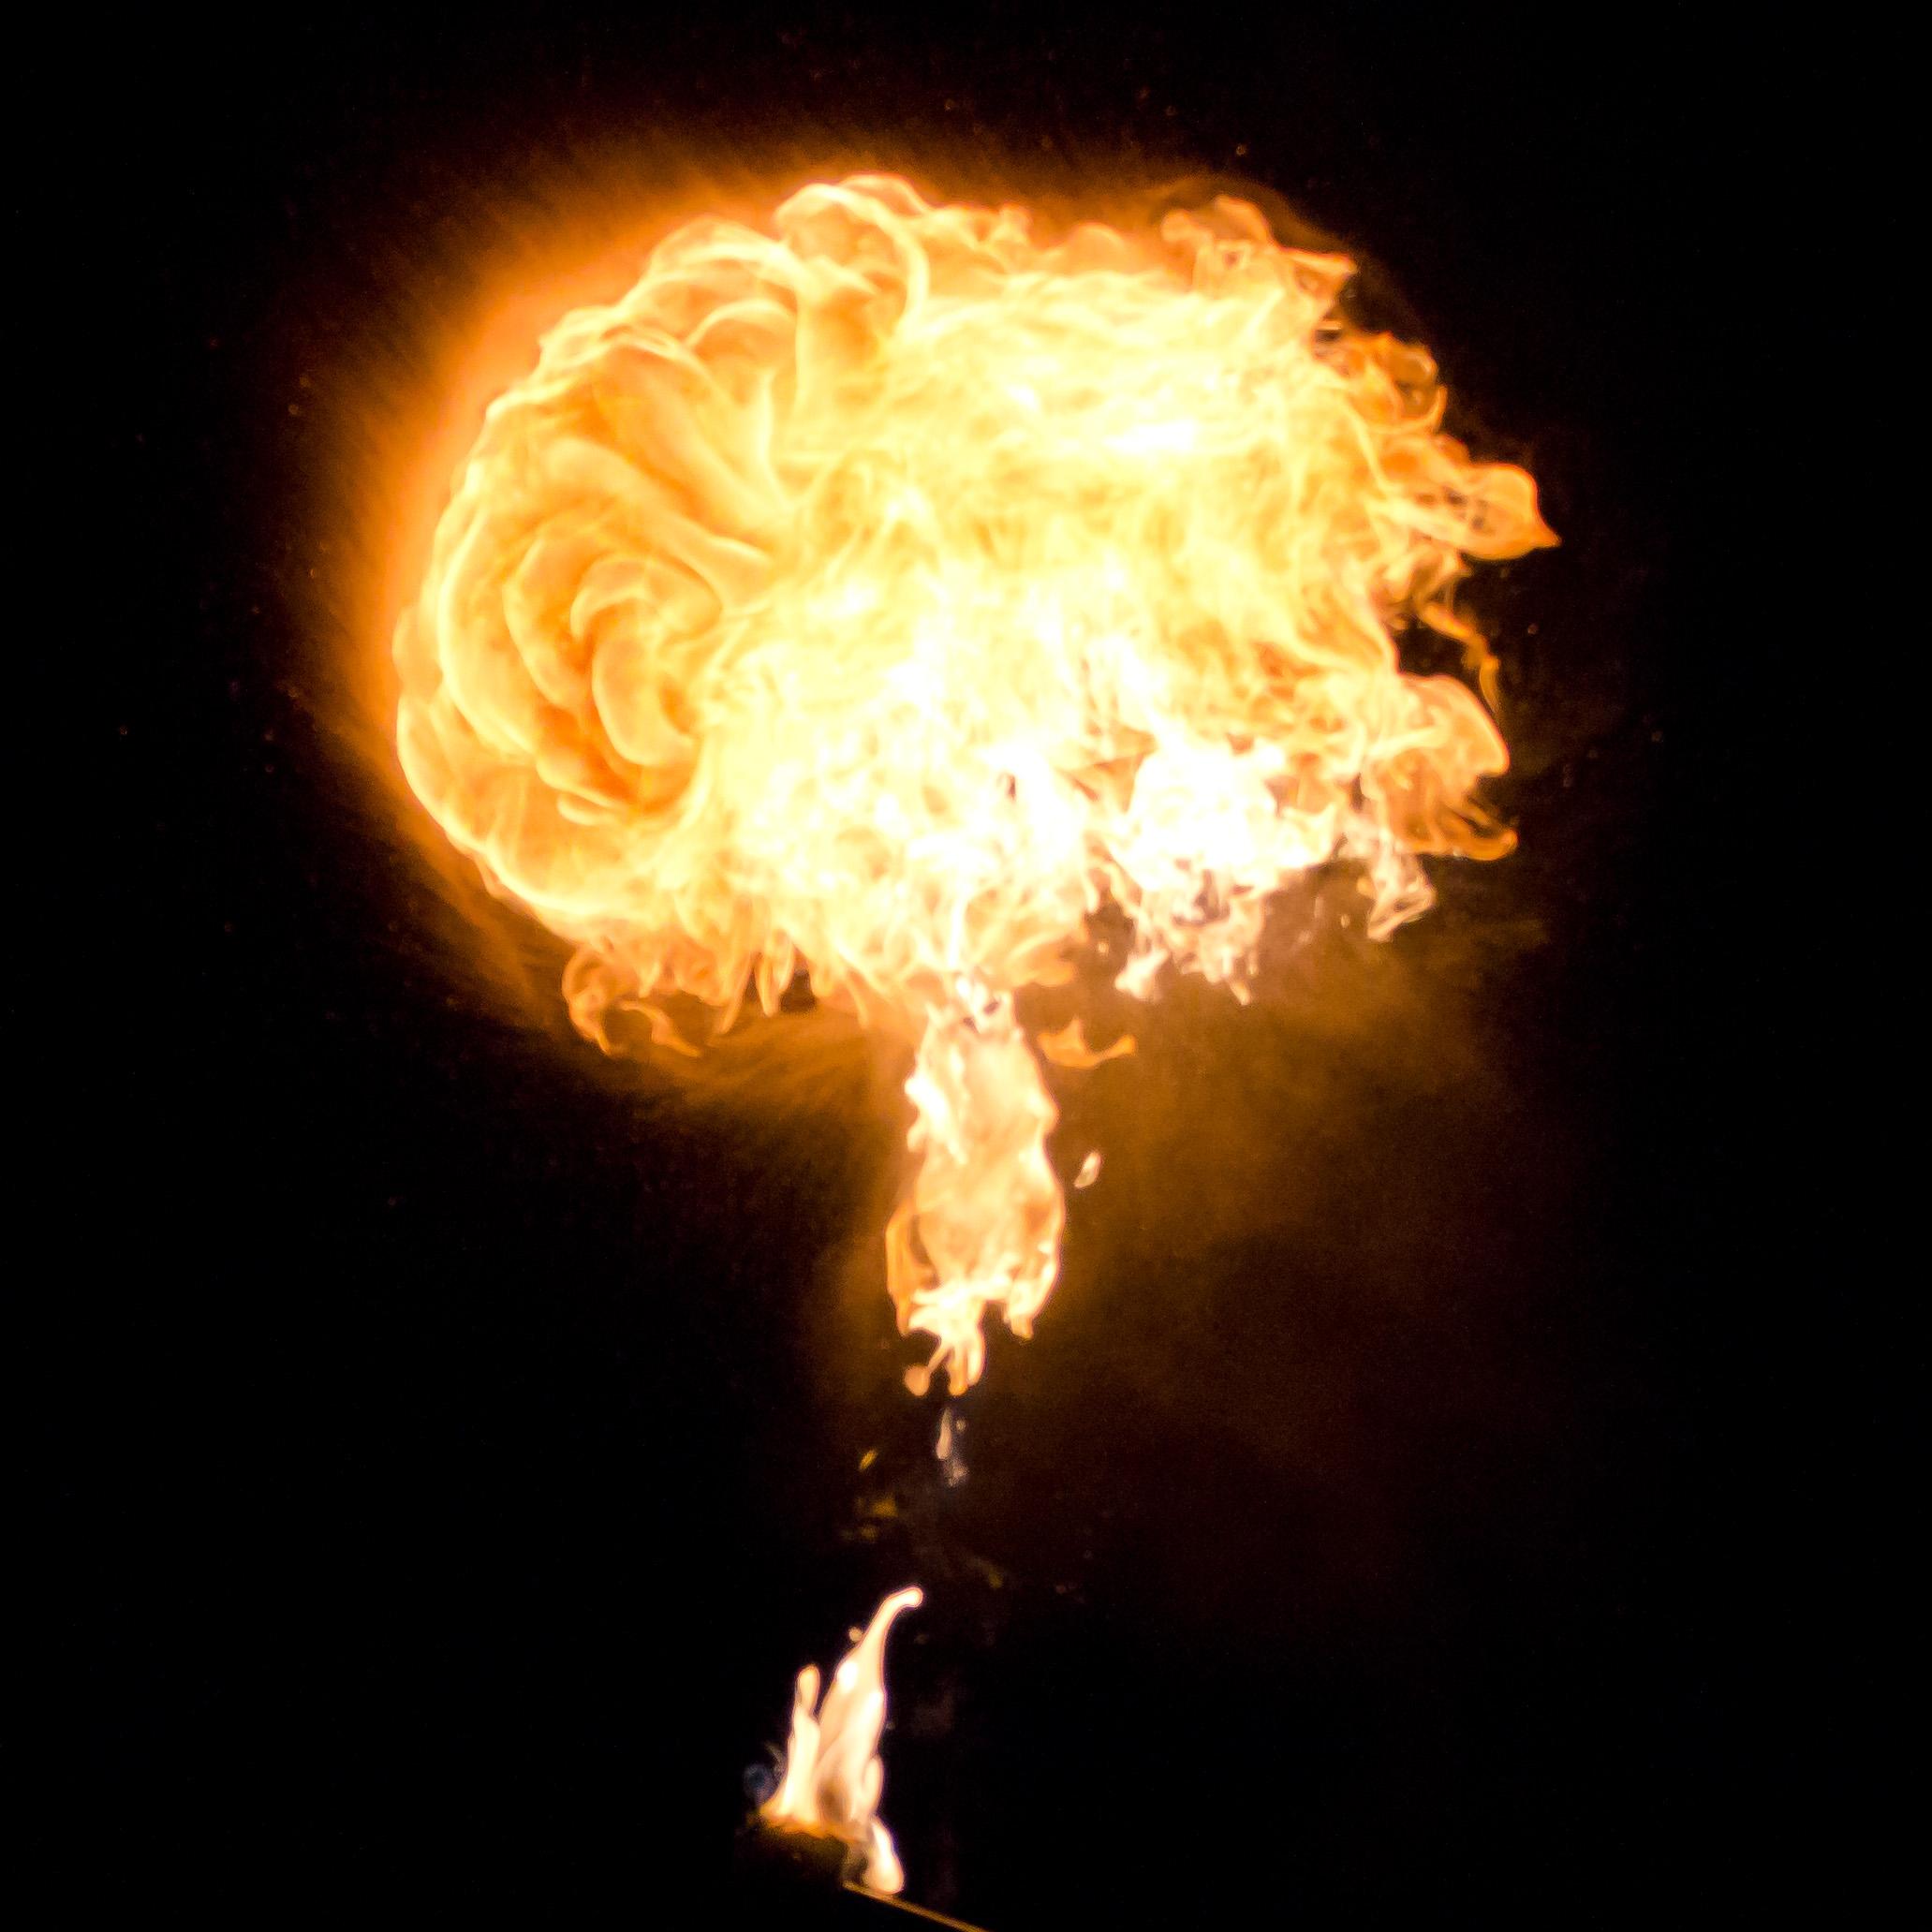 29 Fireball of Flame Fire